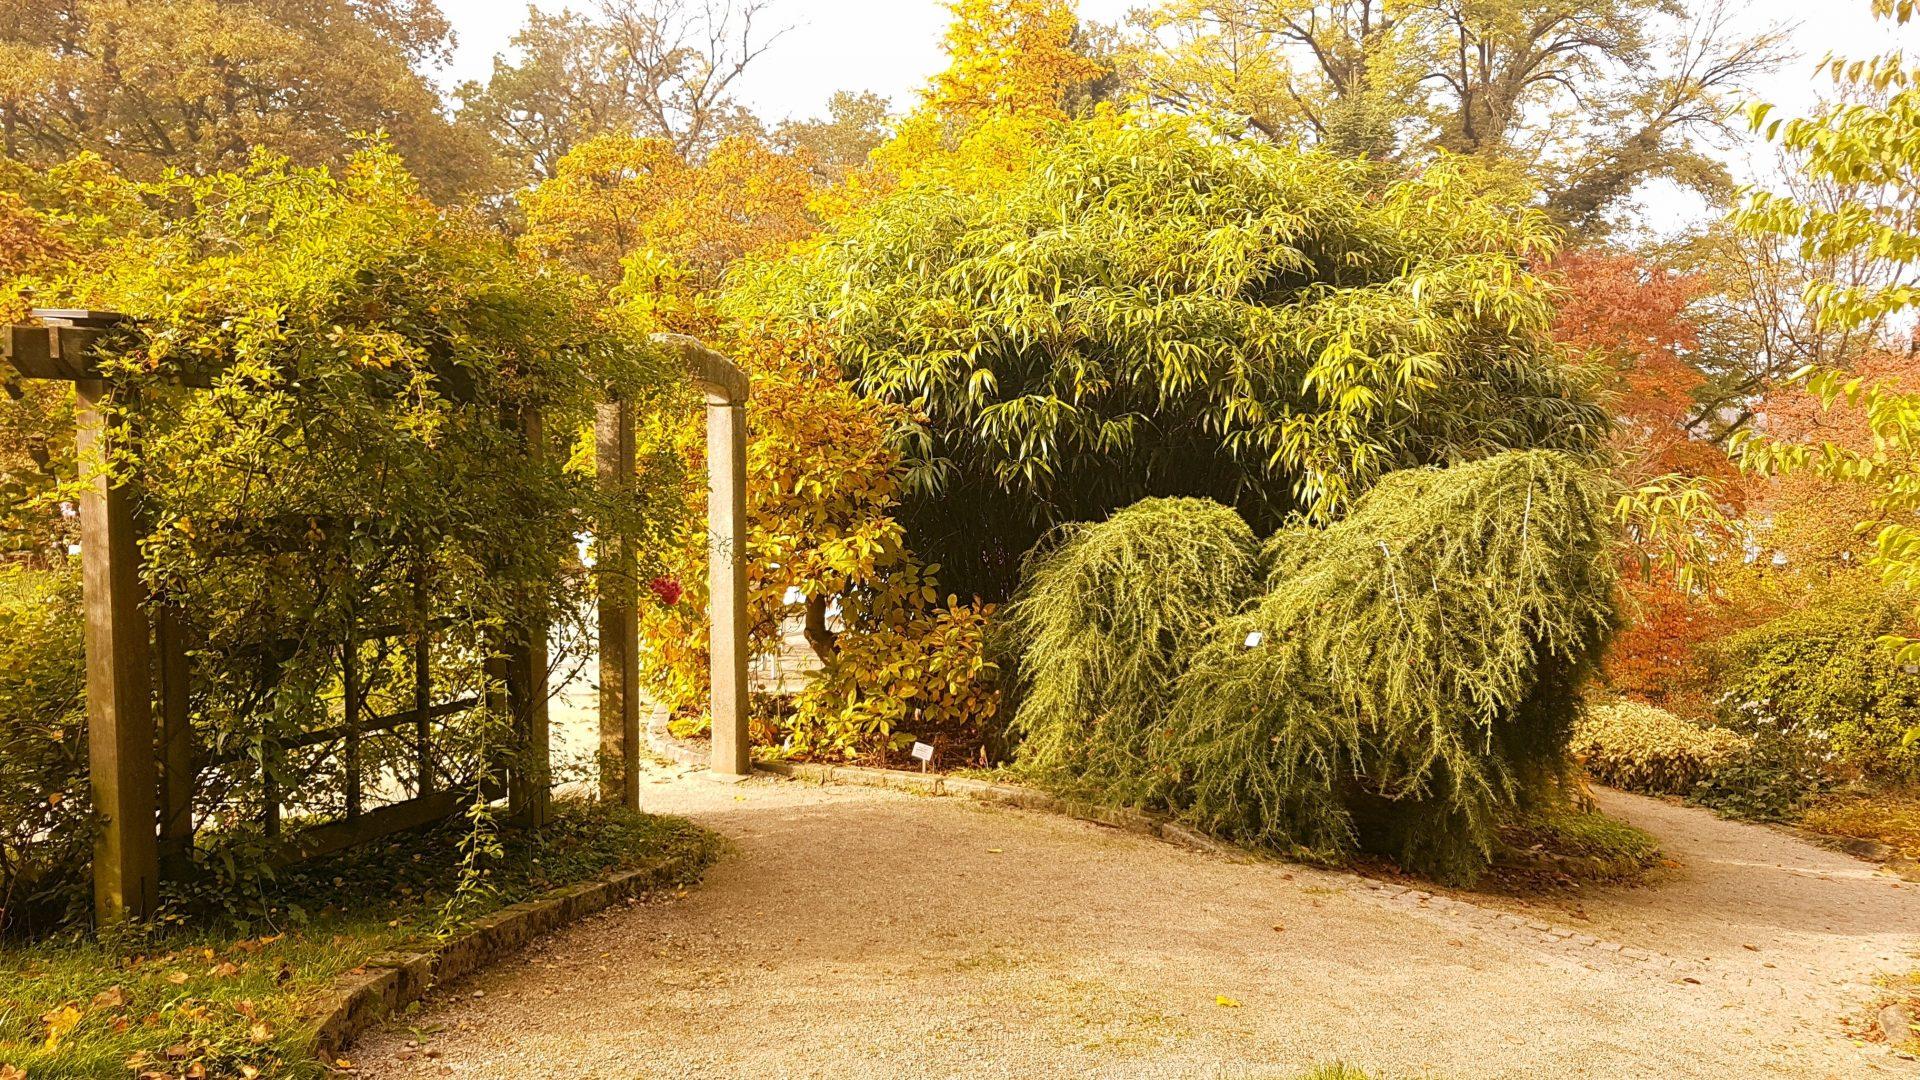 Шикарная растительность. Японский парк в Линце.